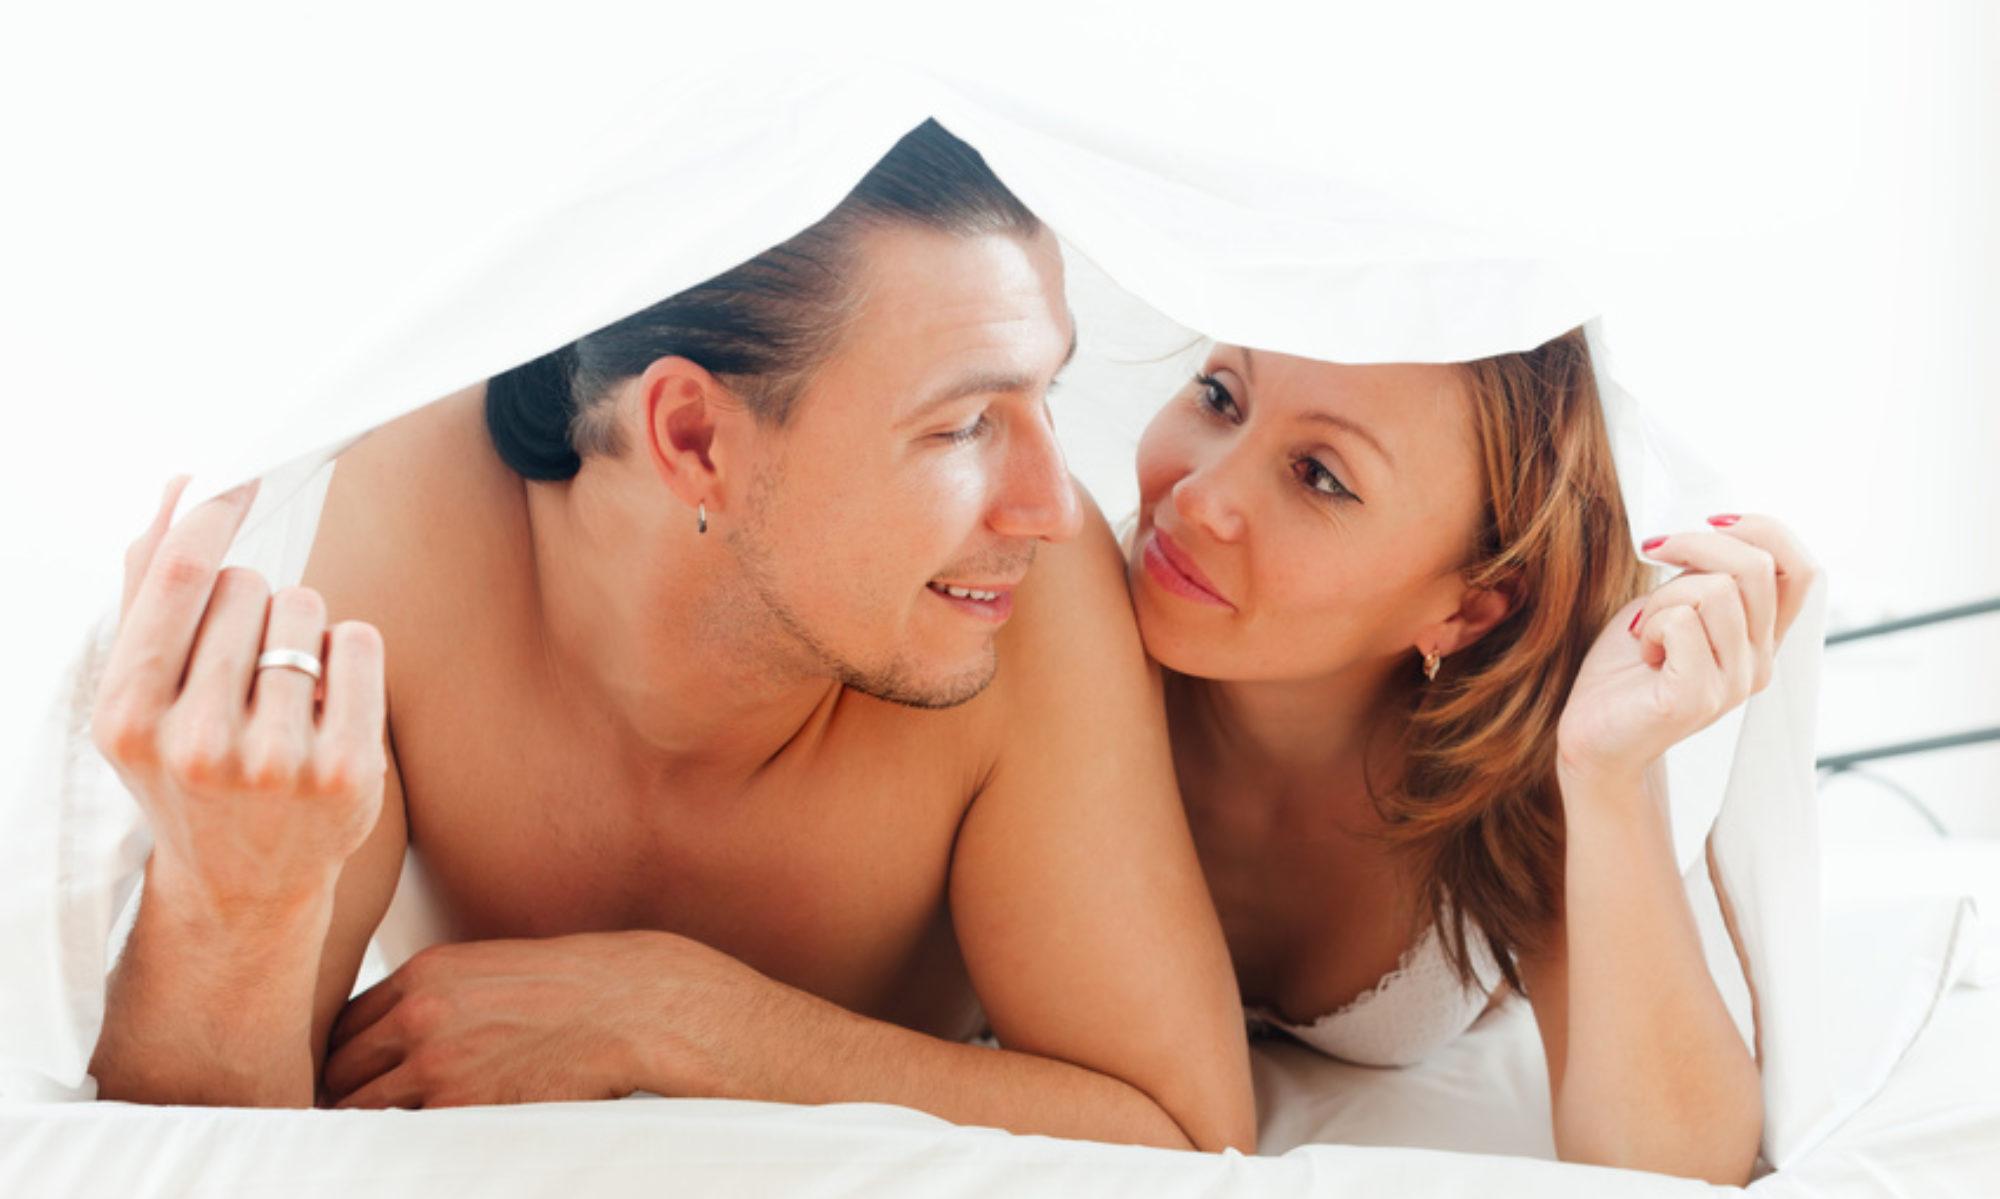 Sexaffären suchen und finden